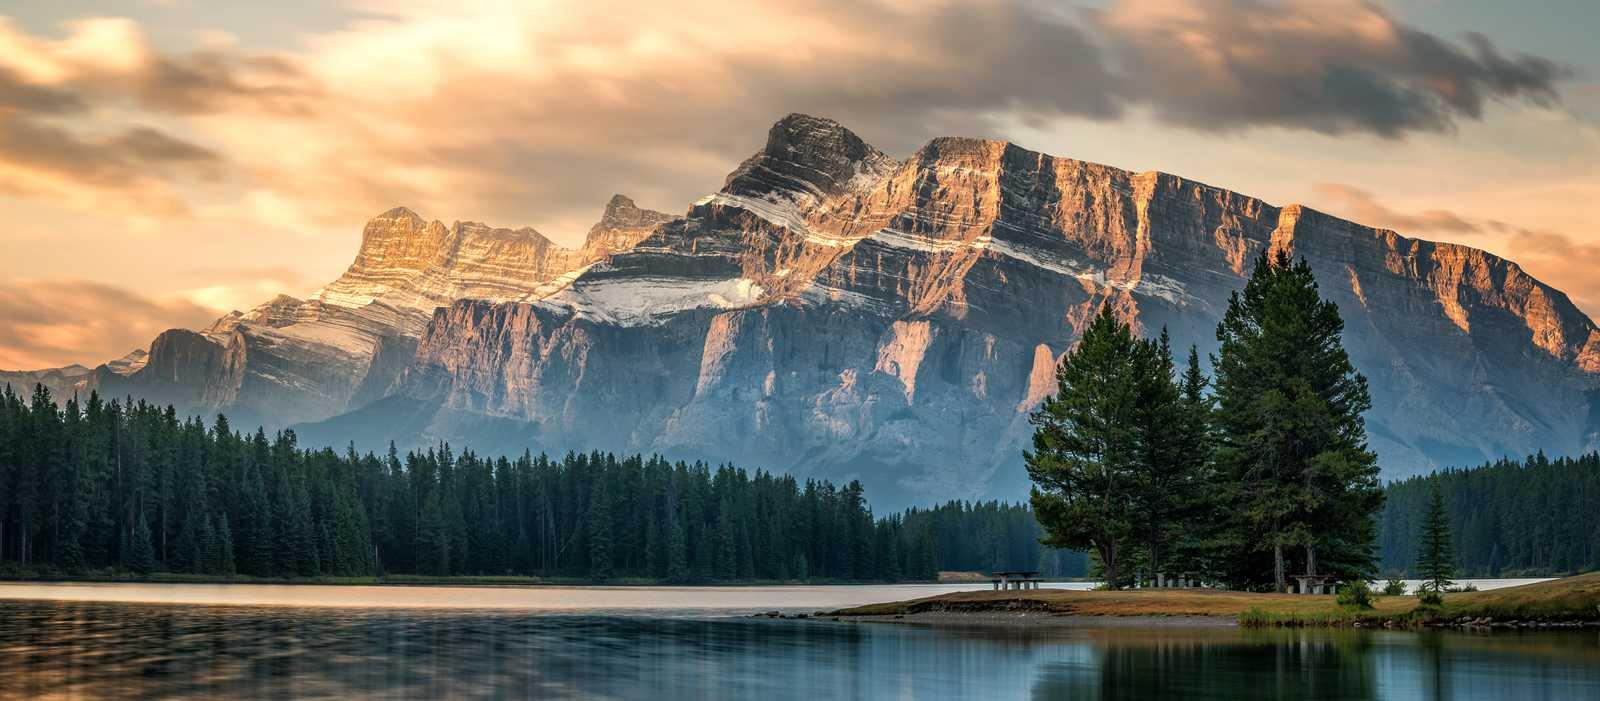 Der Jack Lake vor dem beeindruckenden Mount Randle bei Sonnenaufgang